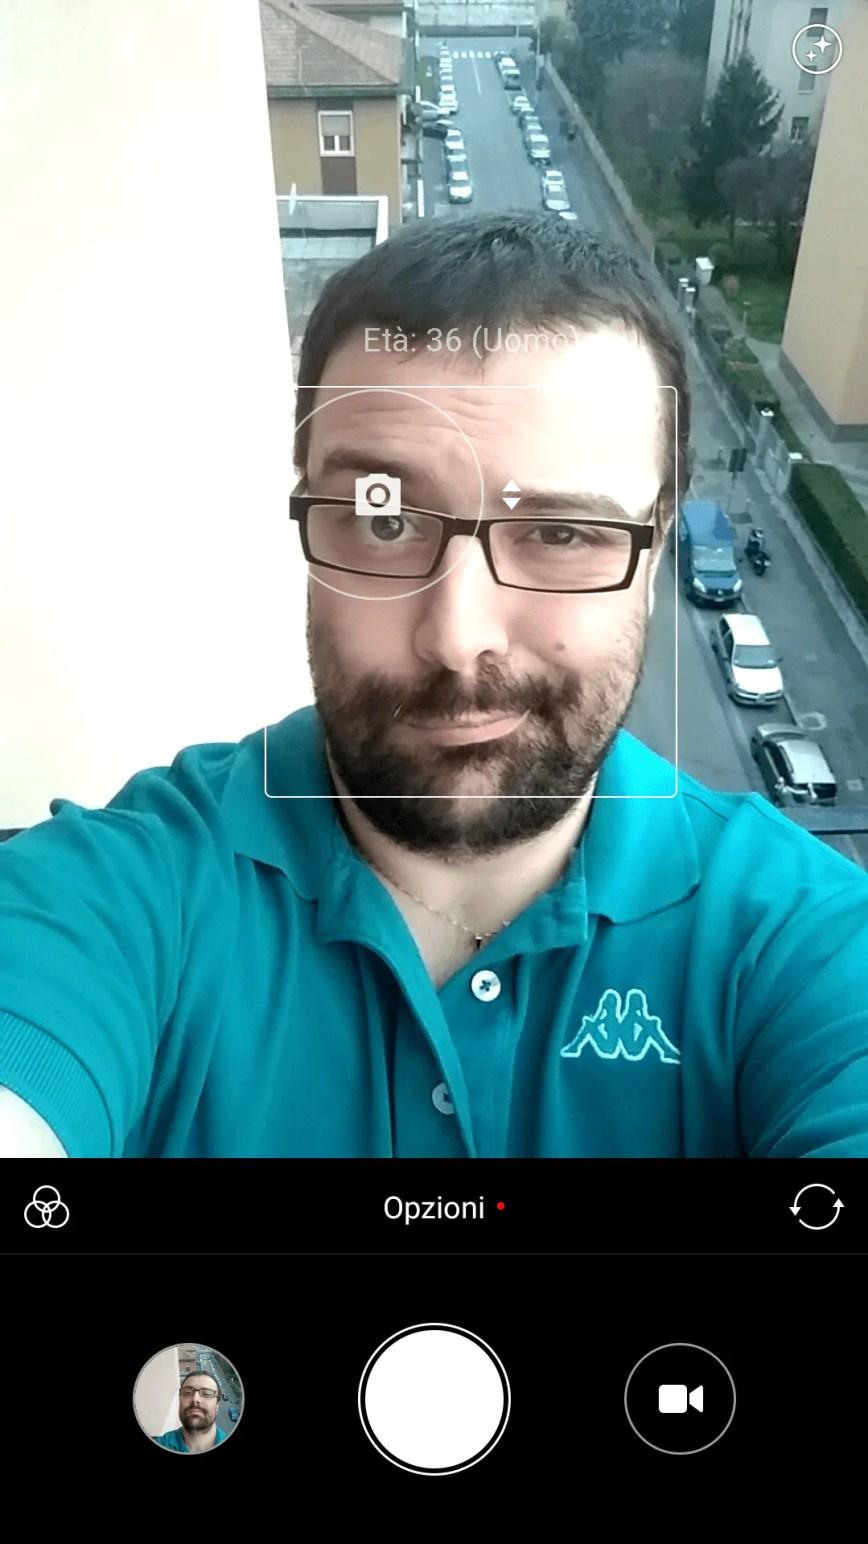 Xiaomi Mi A1: Android One nella fascia medio-bassa 20